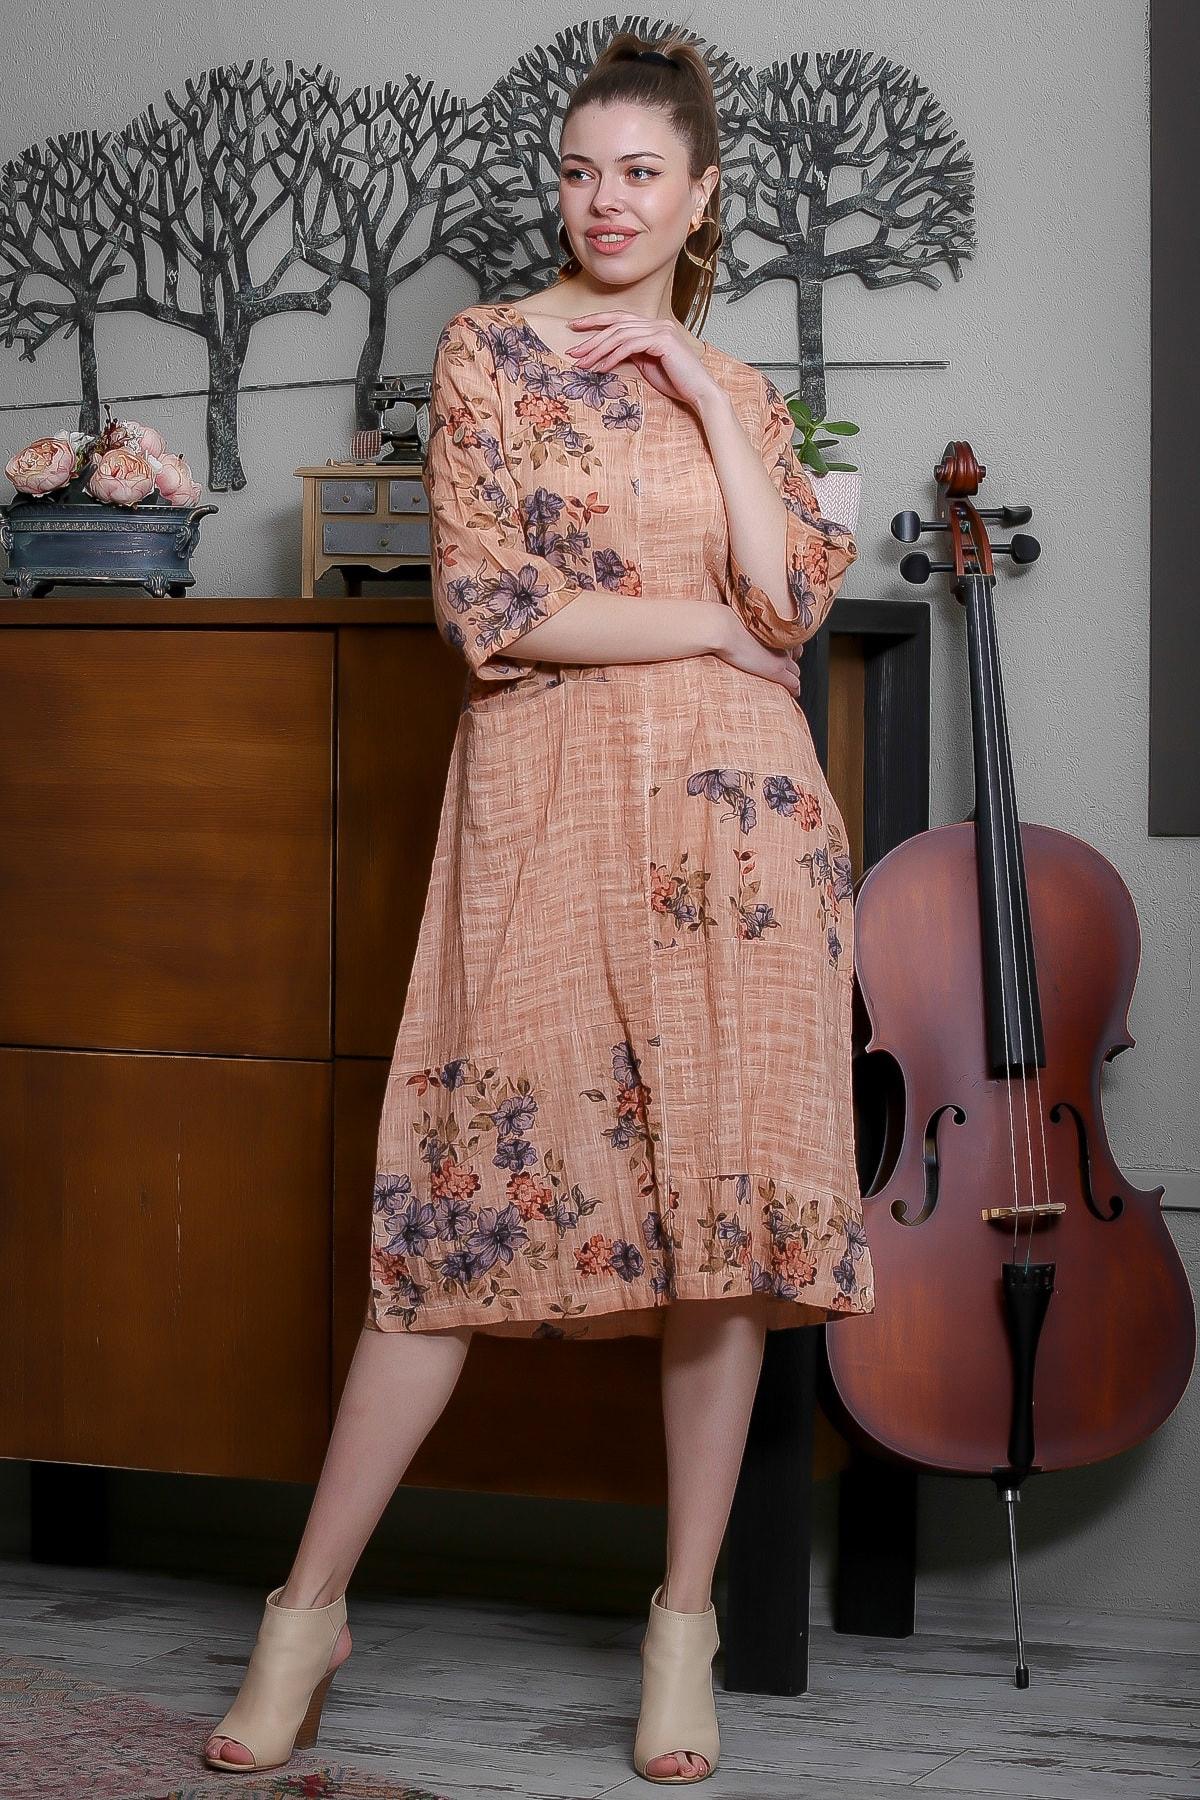 Chiccy Kadın Somon Ortanca Desenli Bloklu Tek Cepli Yıkamalı Dokuma Elbise M10160000EL95494